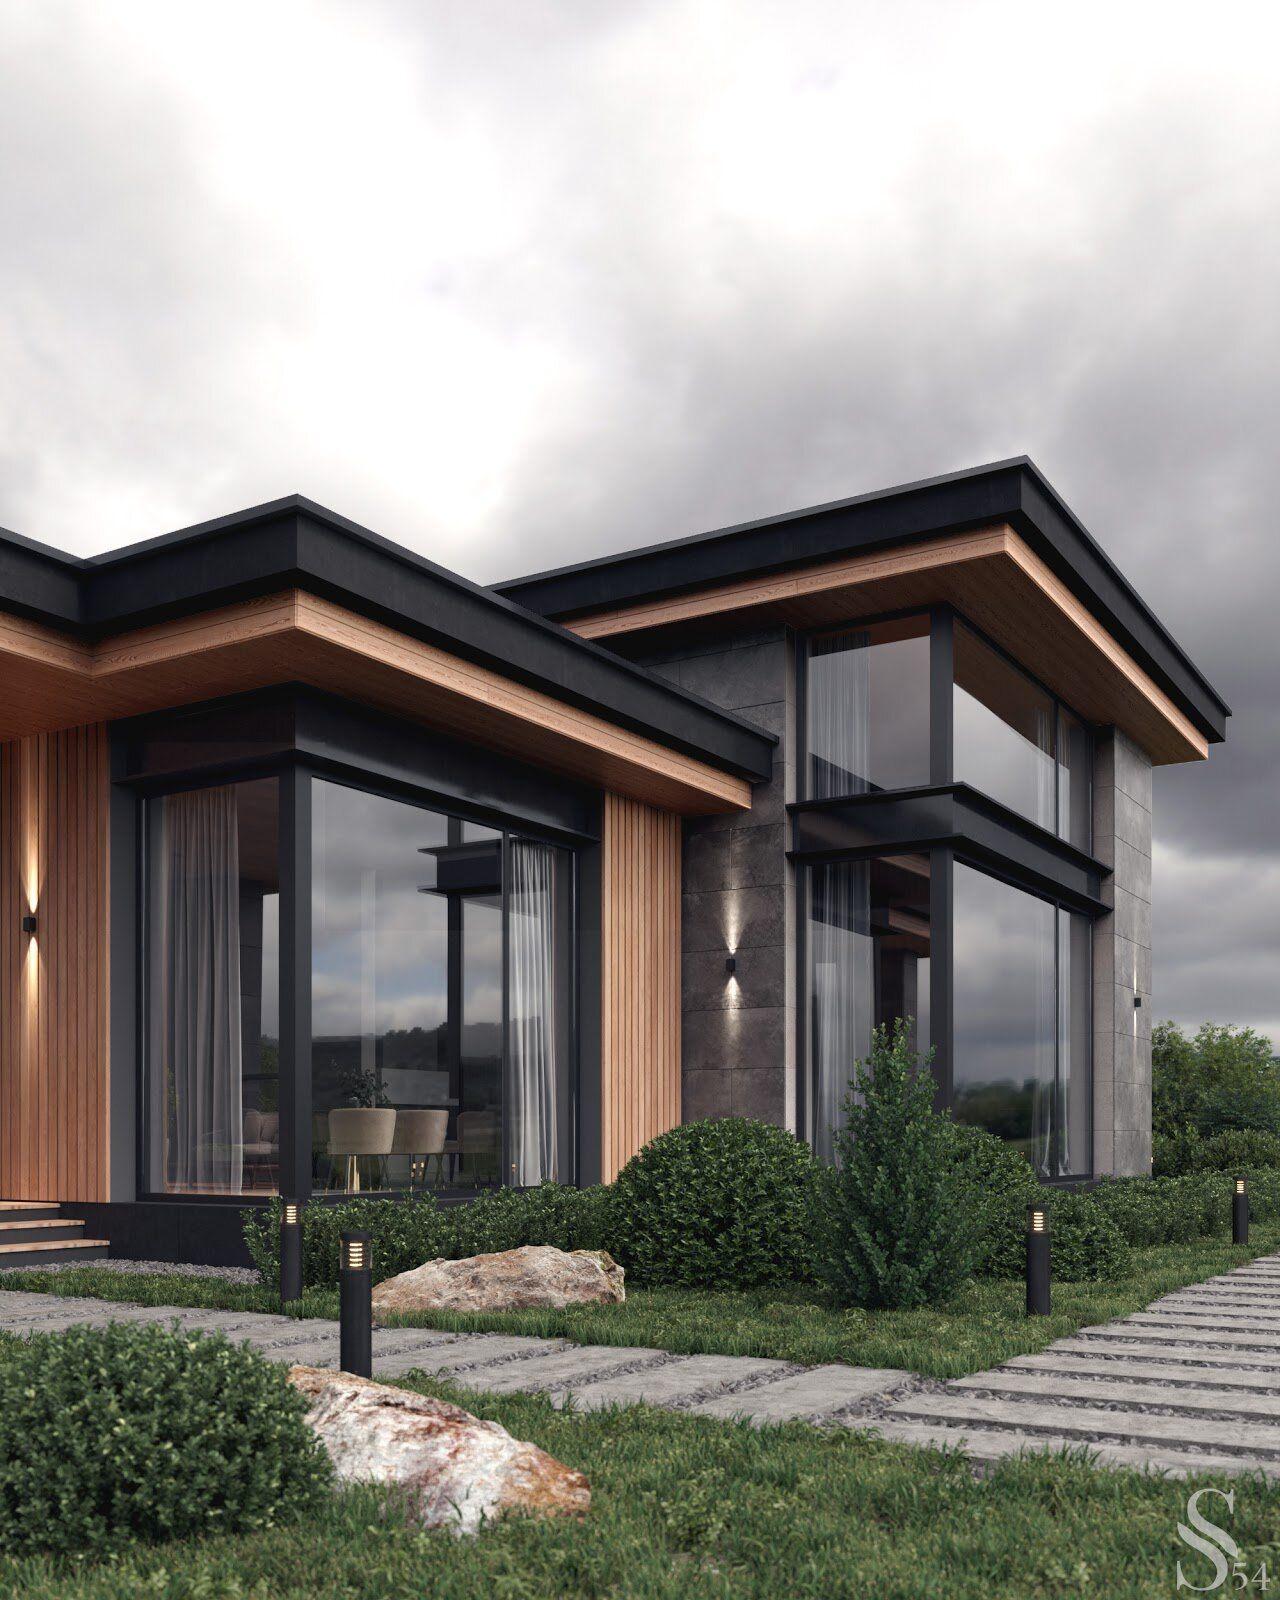 Загородный дом в Казахстане (проектирование и интерьер). Часть 1